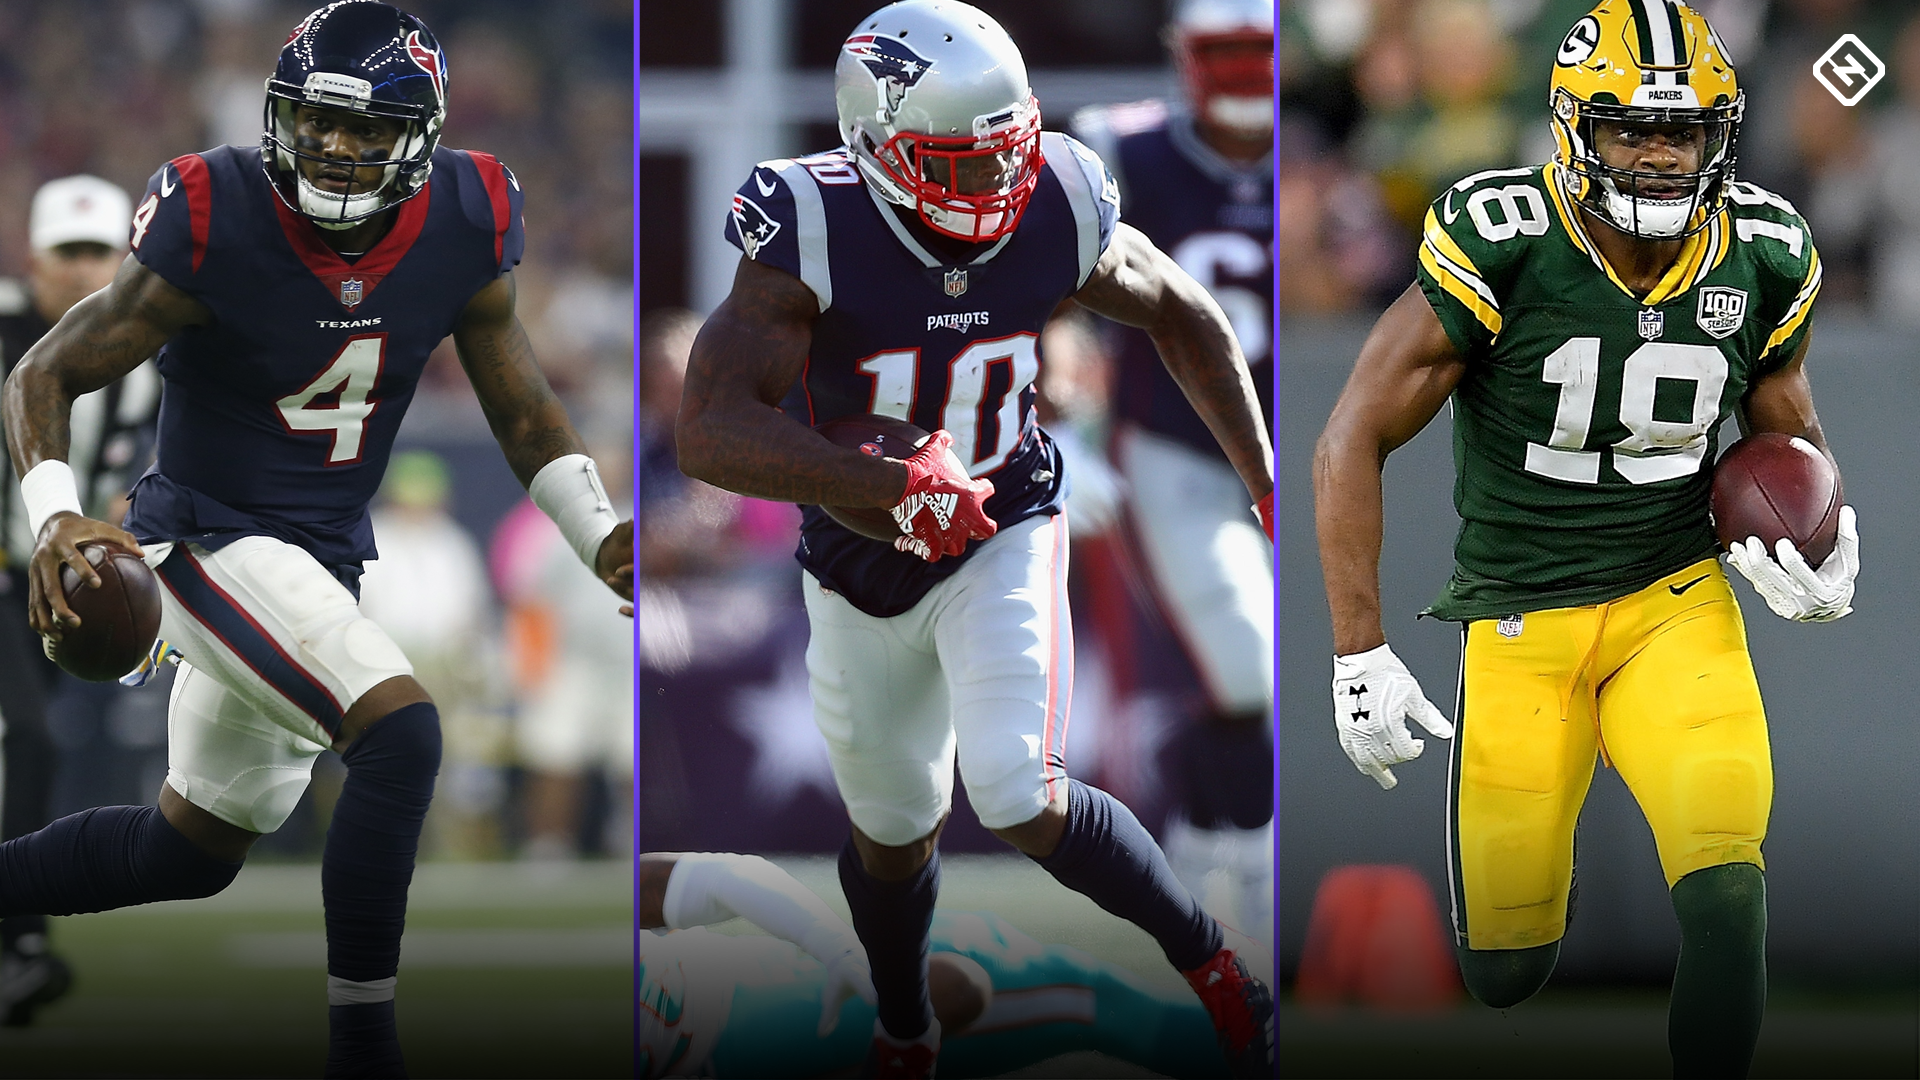 Fantasy Football Injury Updates: Deshaun Watson, Josh Gordon, Randall Cobb, more impacting Week 6 start 'em, sit 'em calls